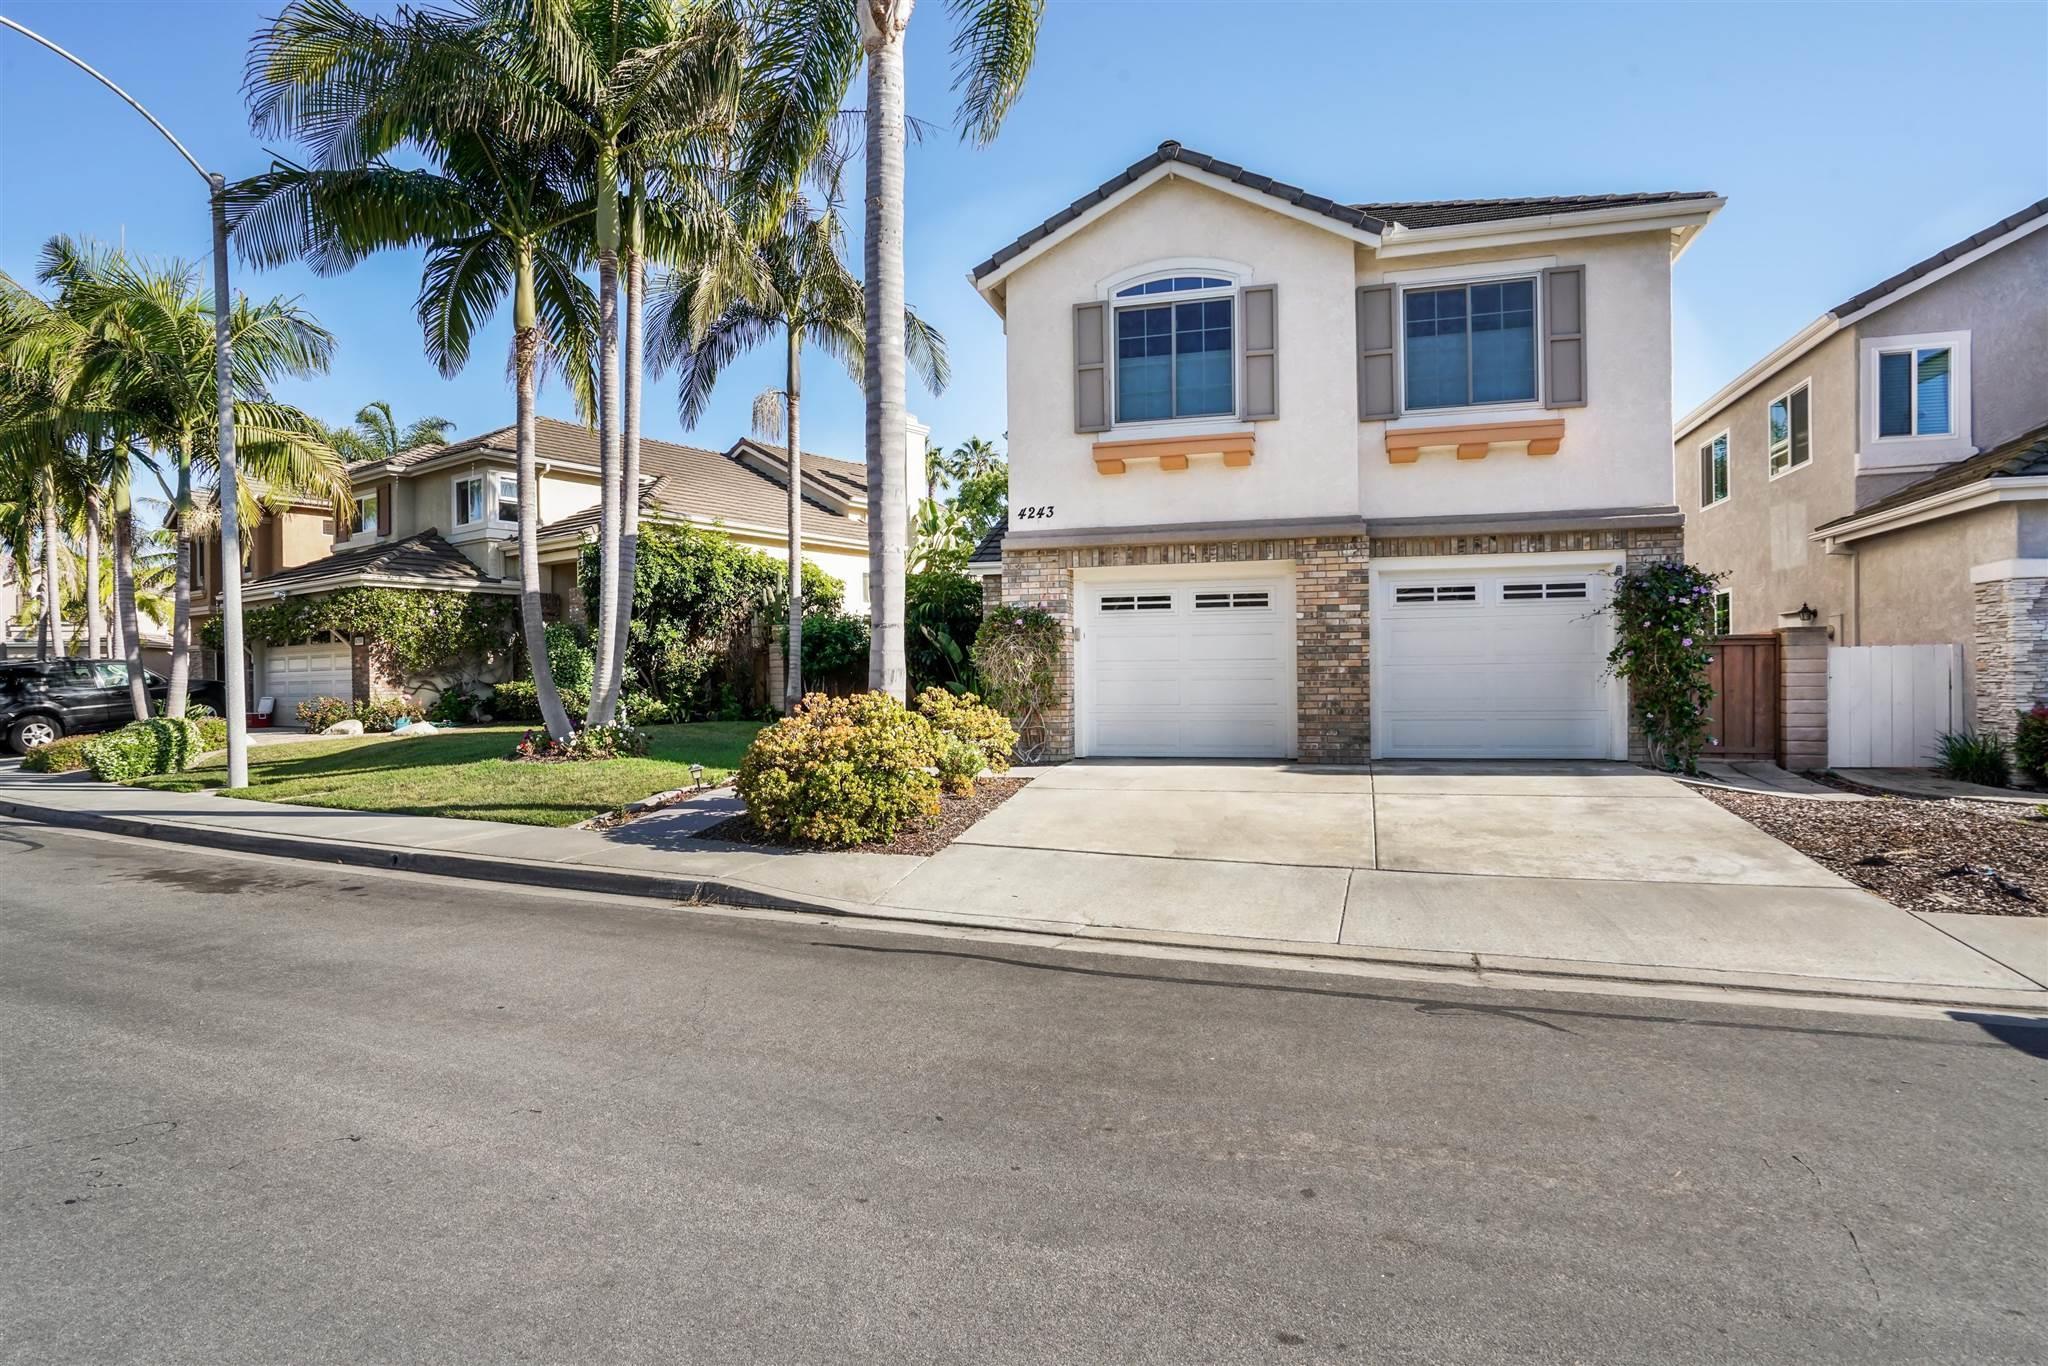 Photo of 4243 Corte Famosa, Carmel Valley, CA 92130